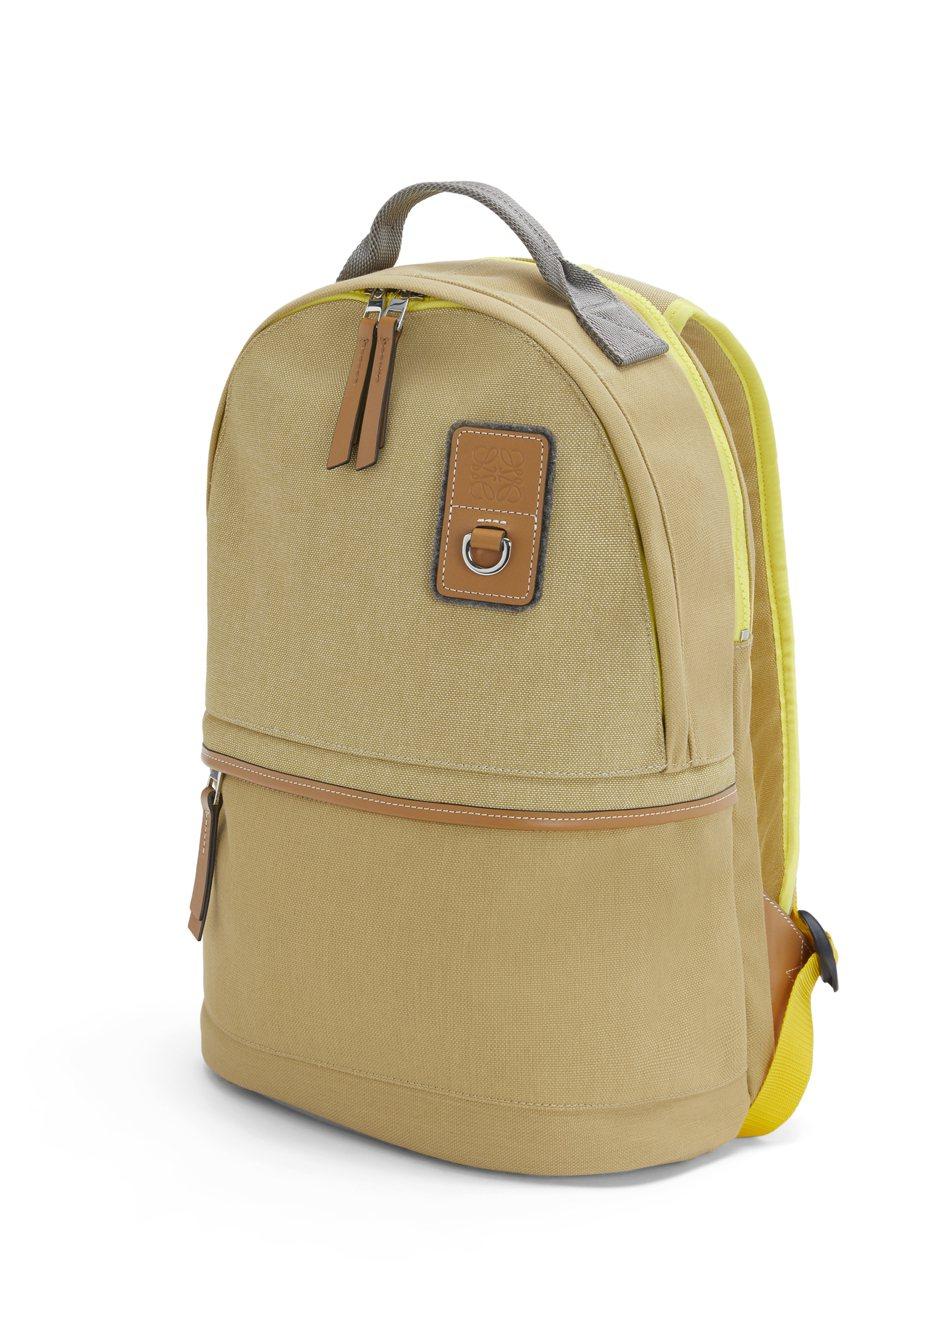 後背包(小),售價39,000元。圖/LOEWE提供